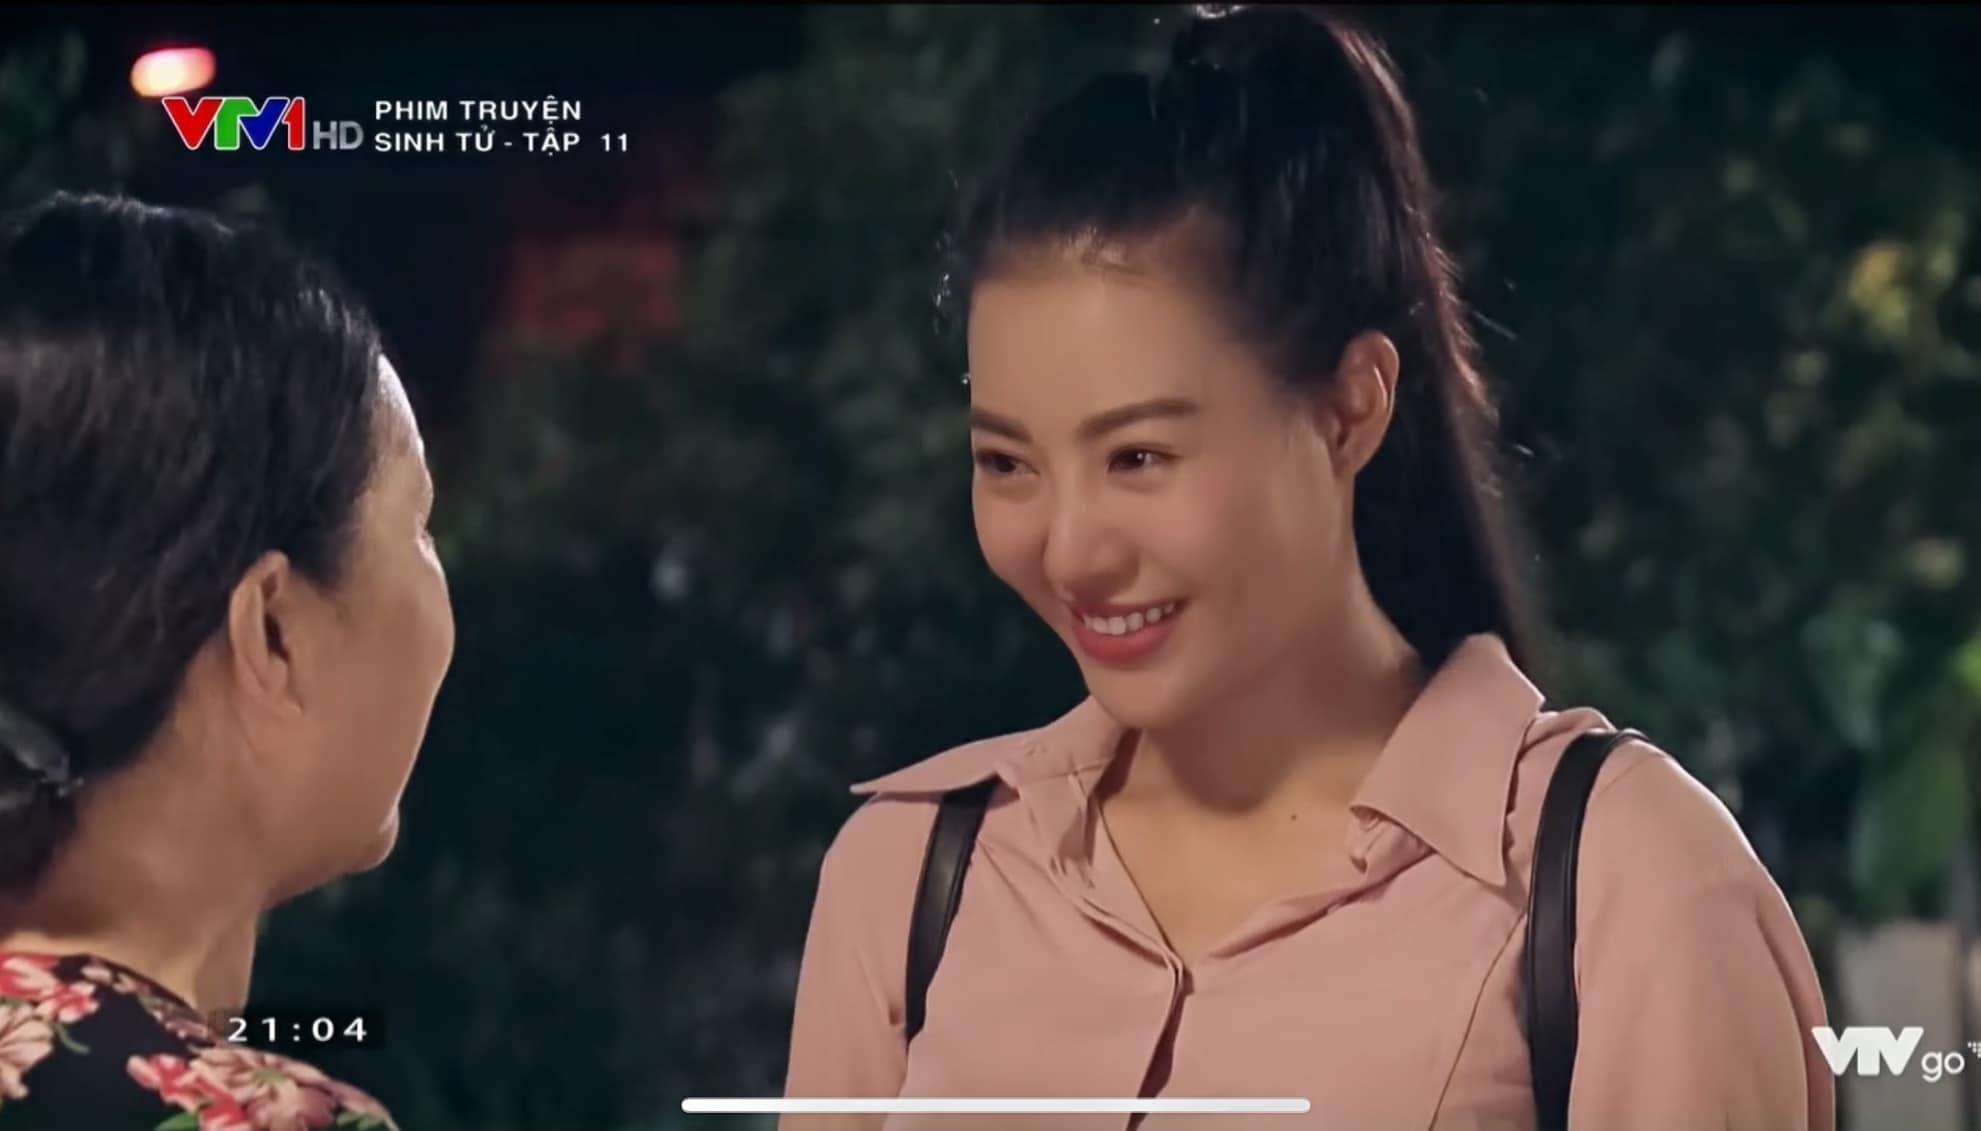 a hau len phim kin dao, ngoai doi khong ngo da 2 lan bau van cuc nong bong - 1